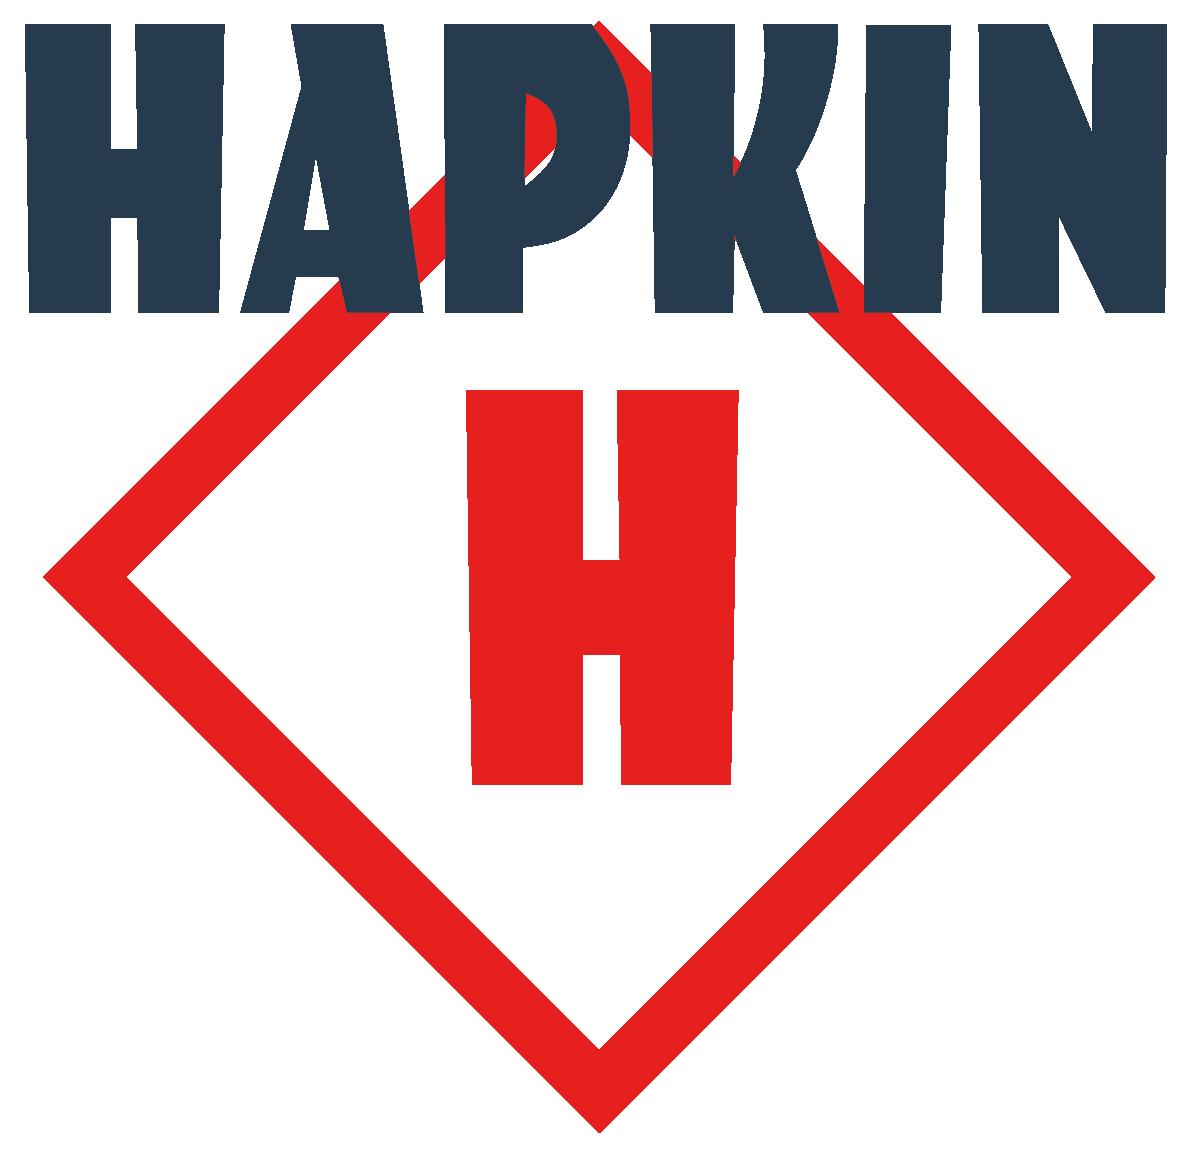 Logo de la marque concernant au produit Hapkin 25cl